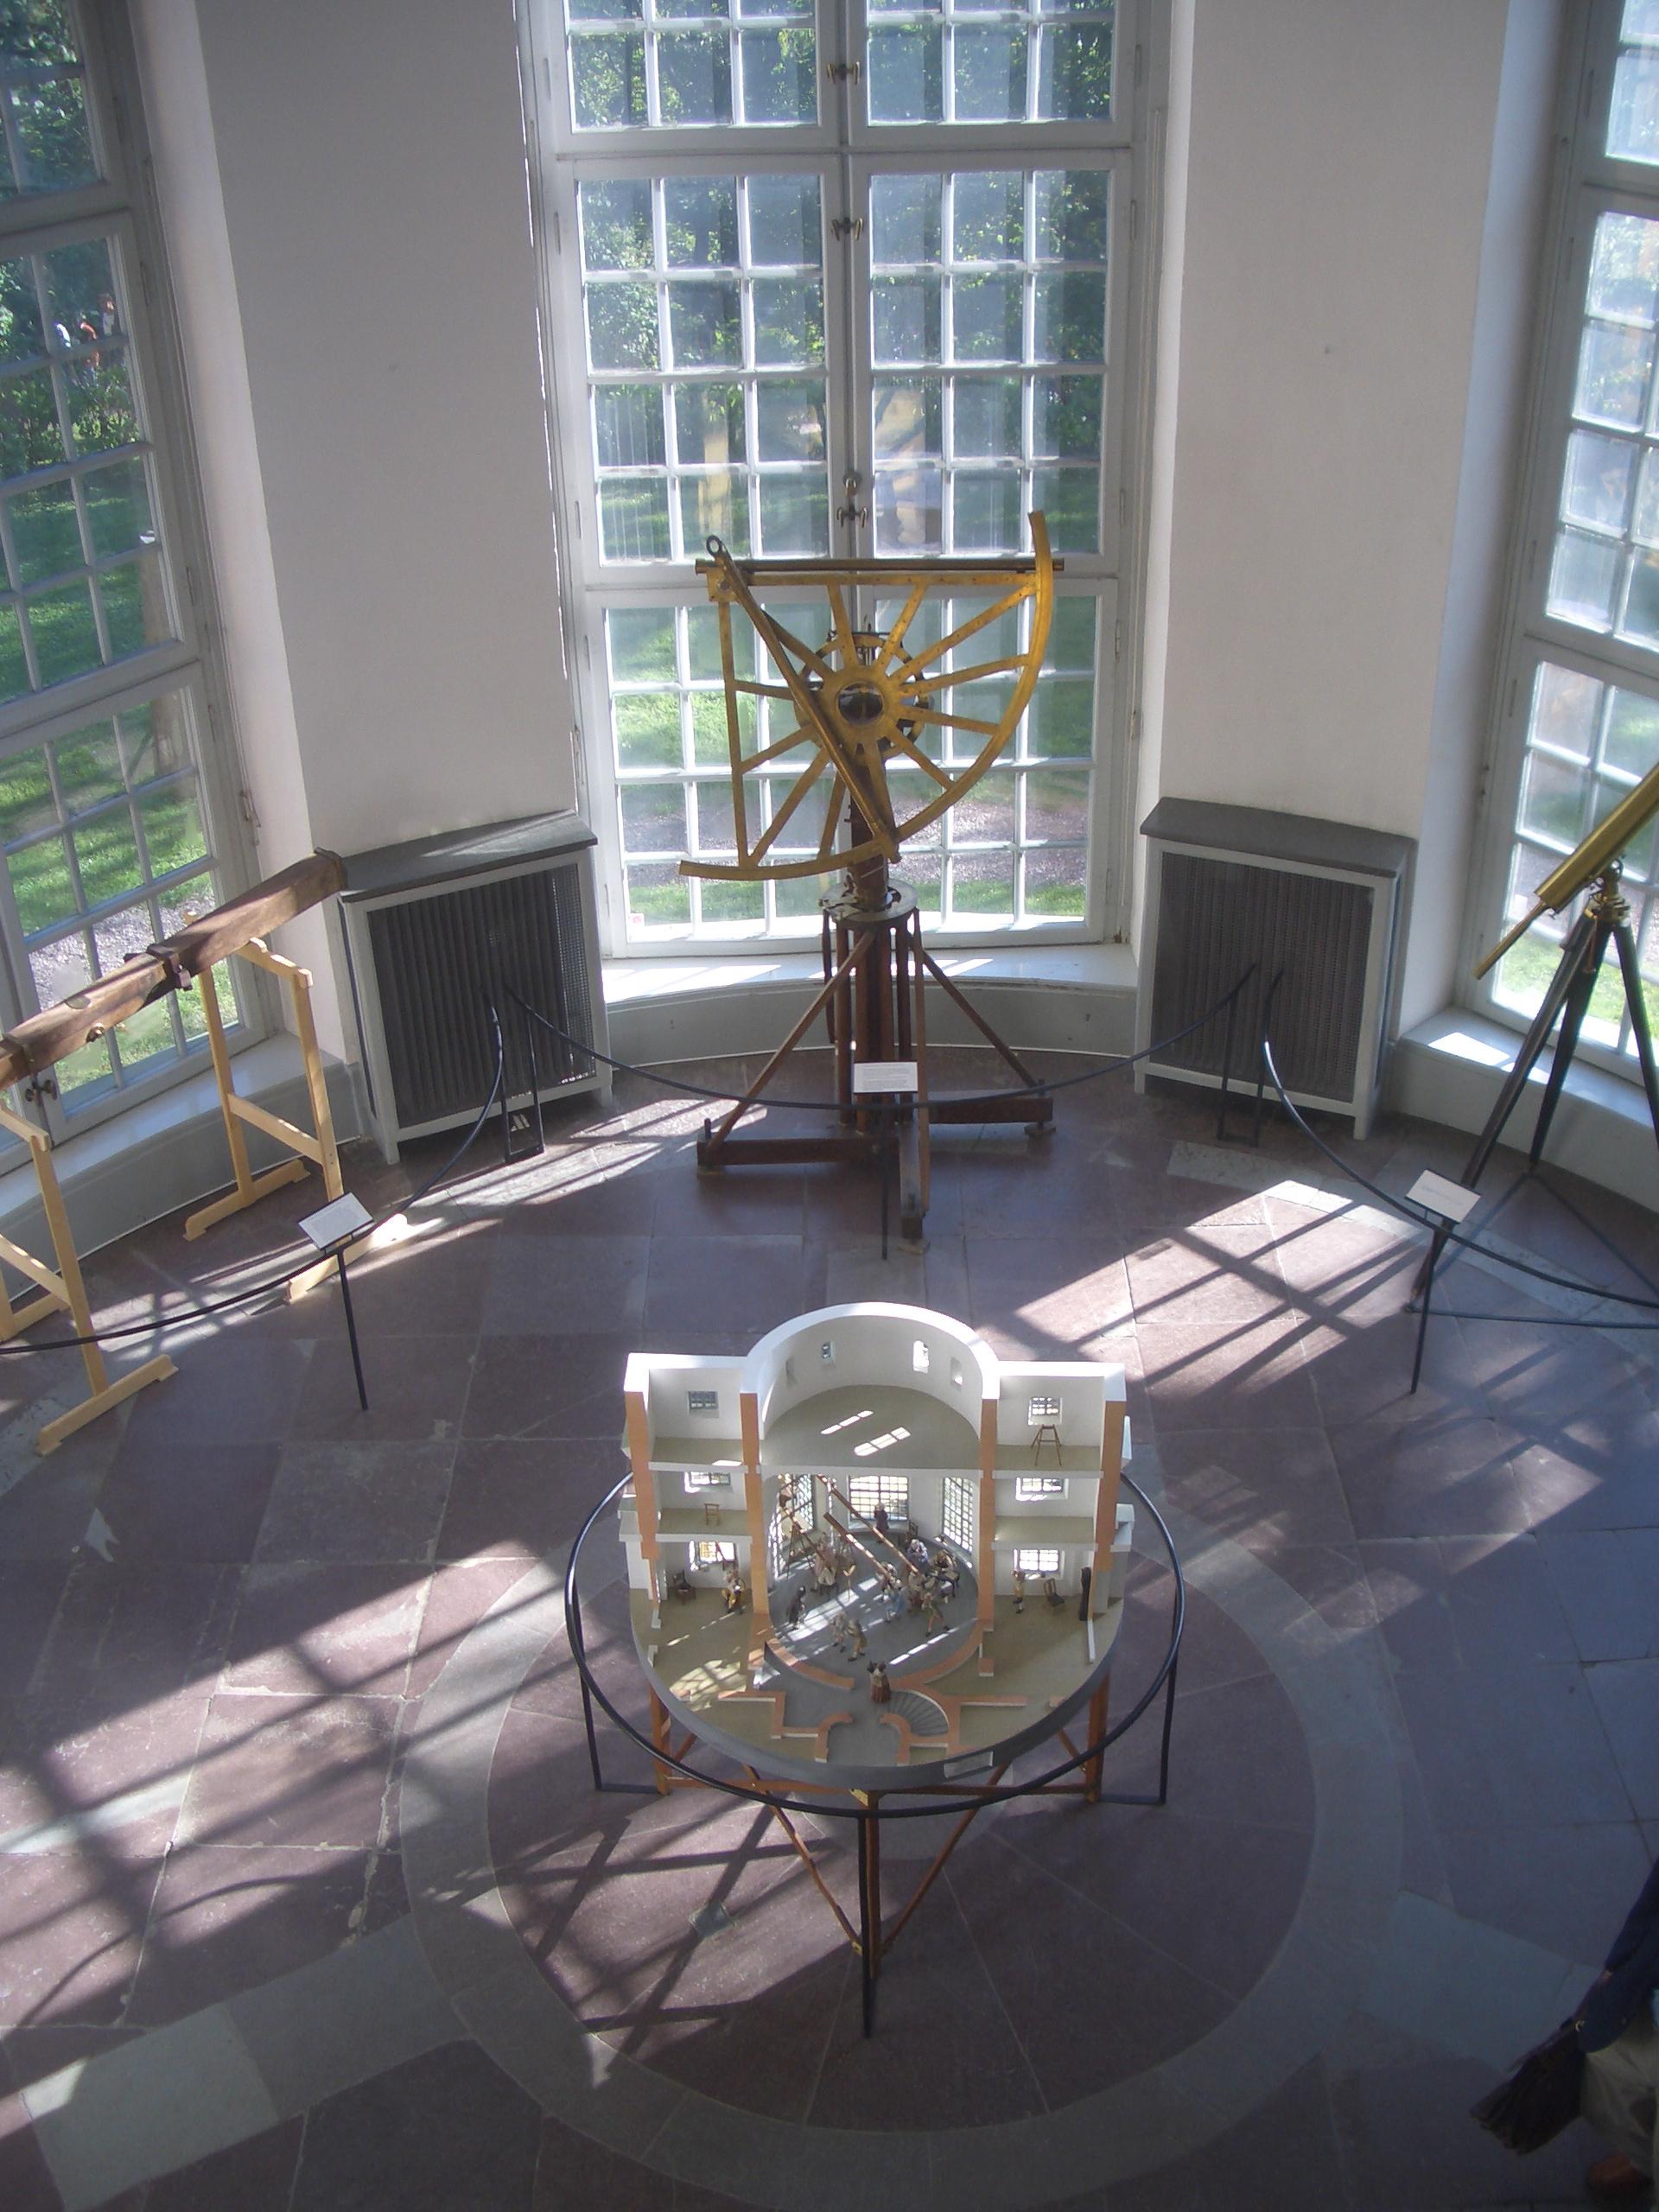 File:Stockholm's old observatory, interior observation ...